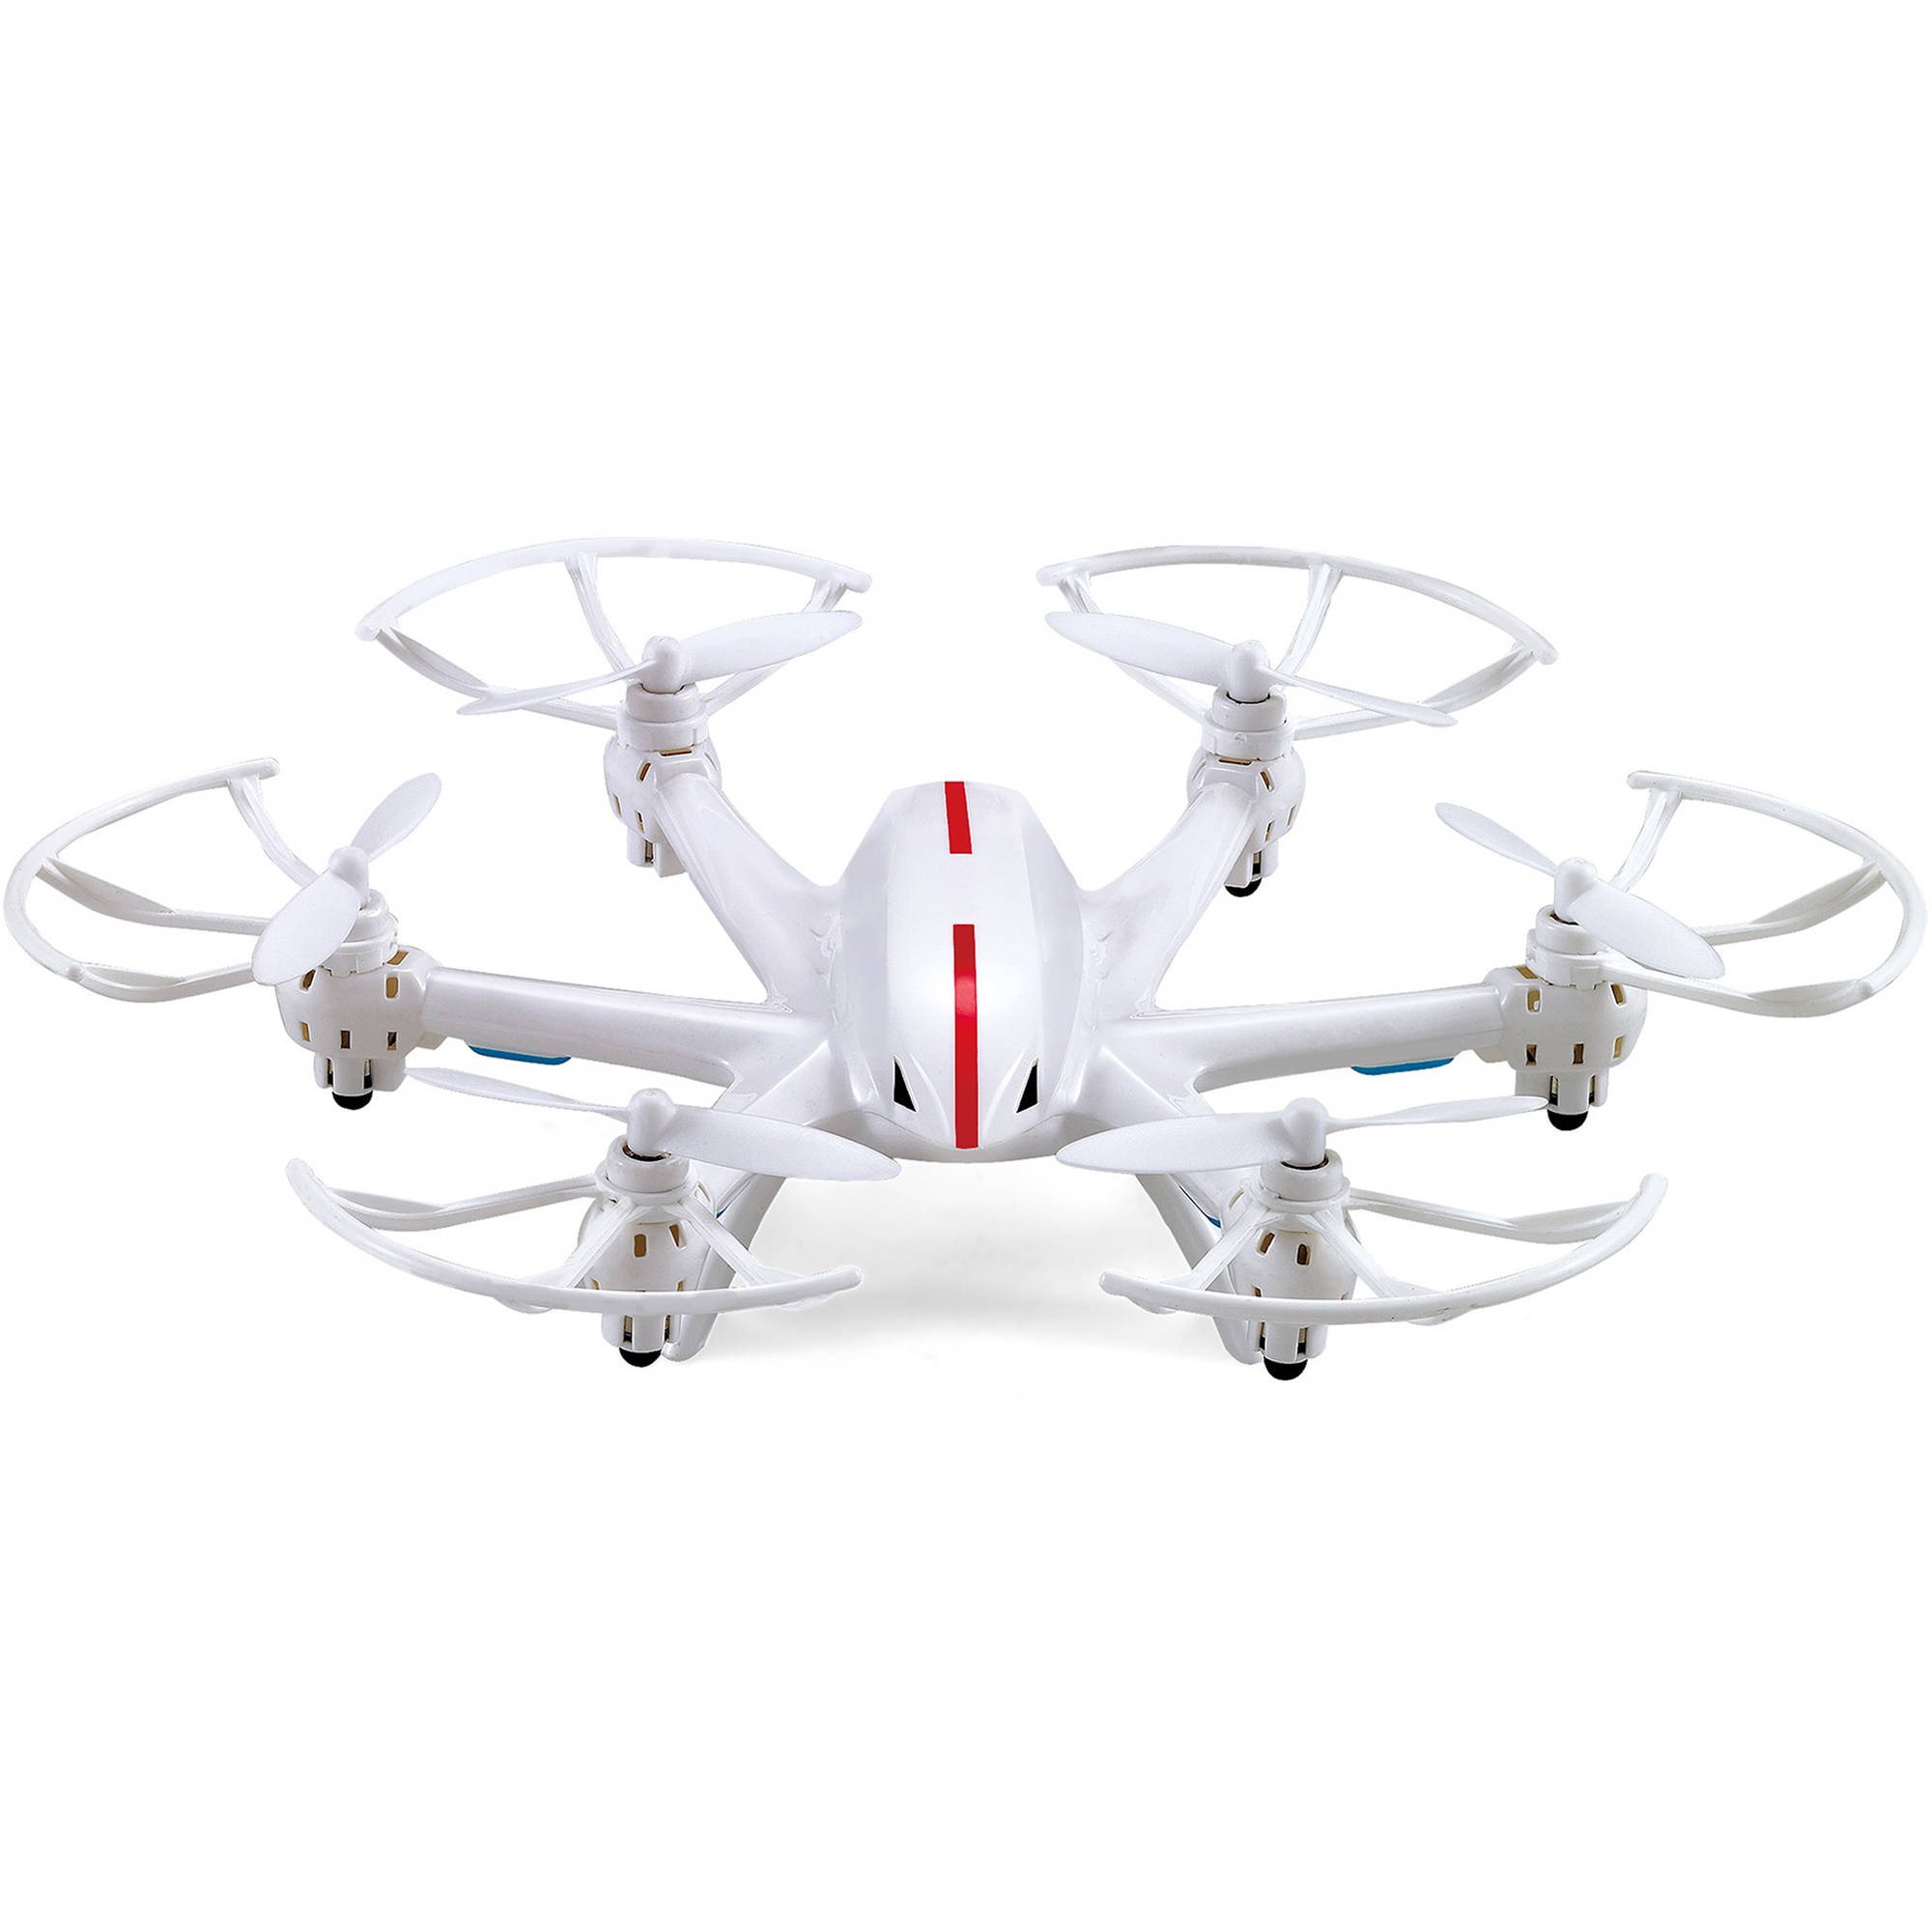 Riviera RC Falcon Hexacopter Drone with Wi-Fi FPV Camera (White)